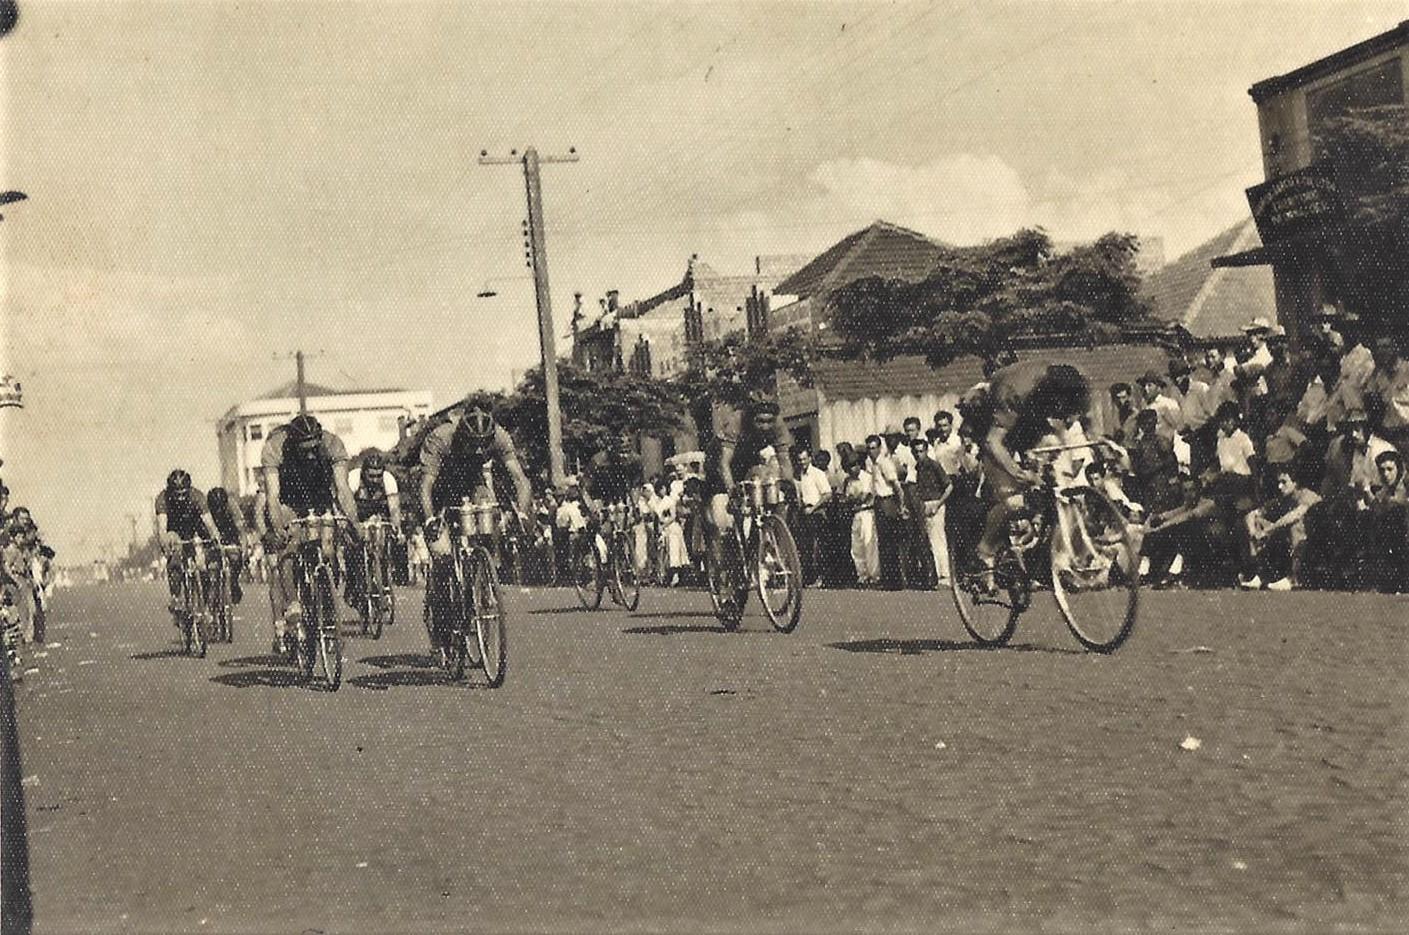 Corrida da bicicletas - Década de 1950